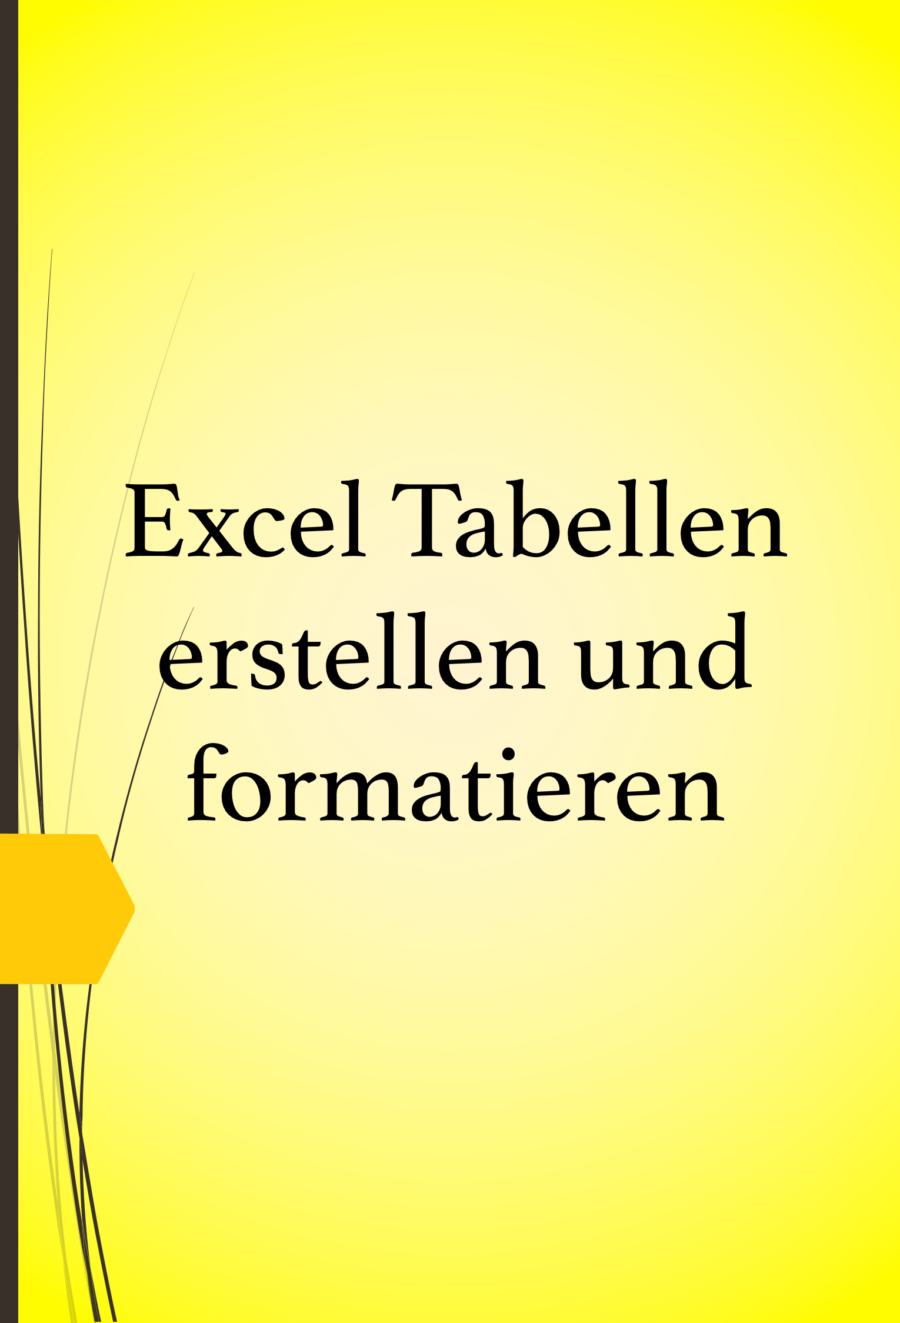 Eine Excel Tabelle Erstellen Und Formatieren Edv Tipps Und Tricks Excel Spreadsheets Excel Tutorials Event Planning Business